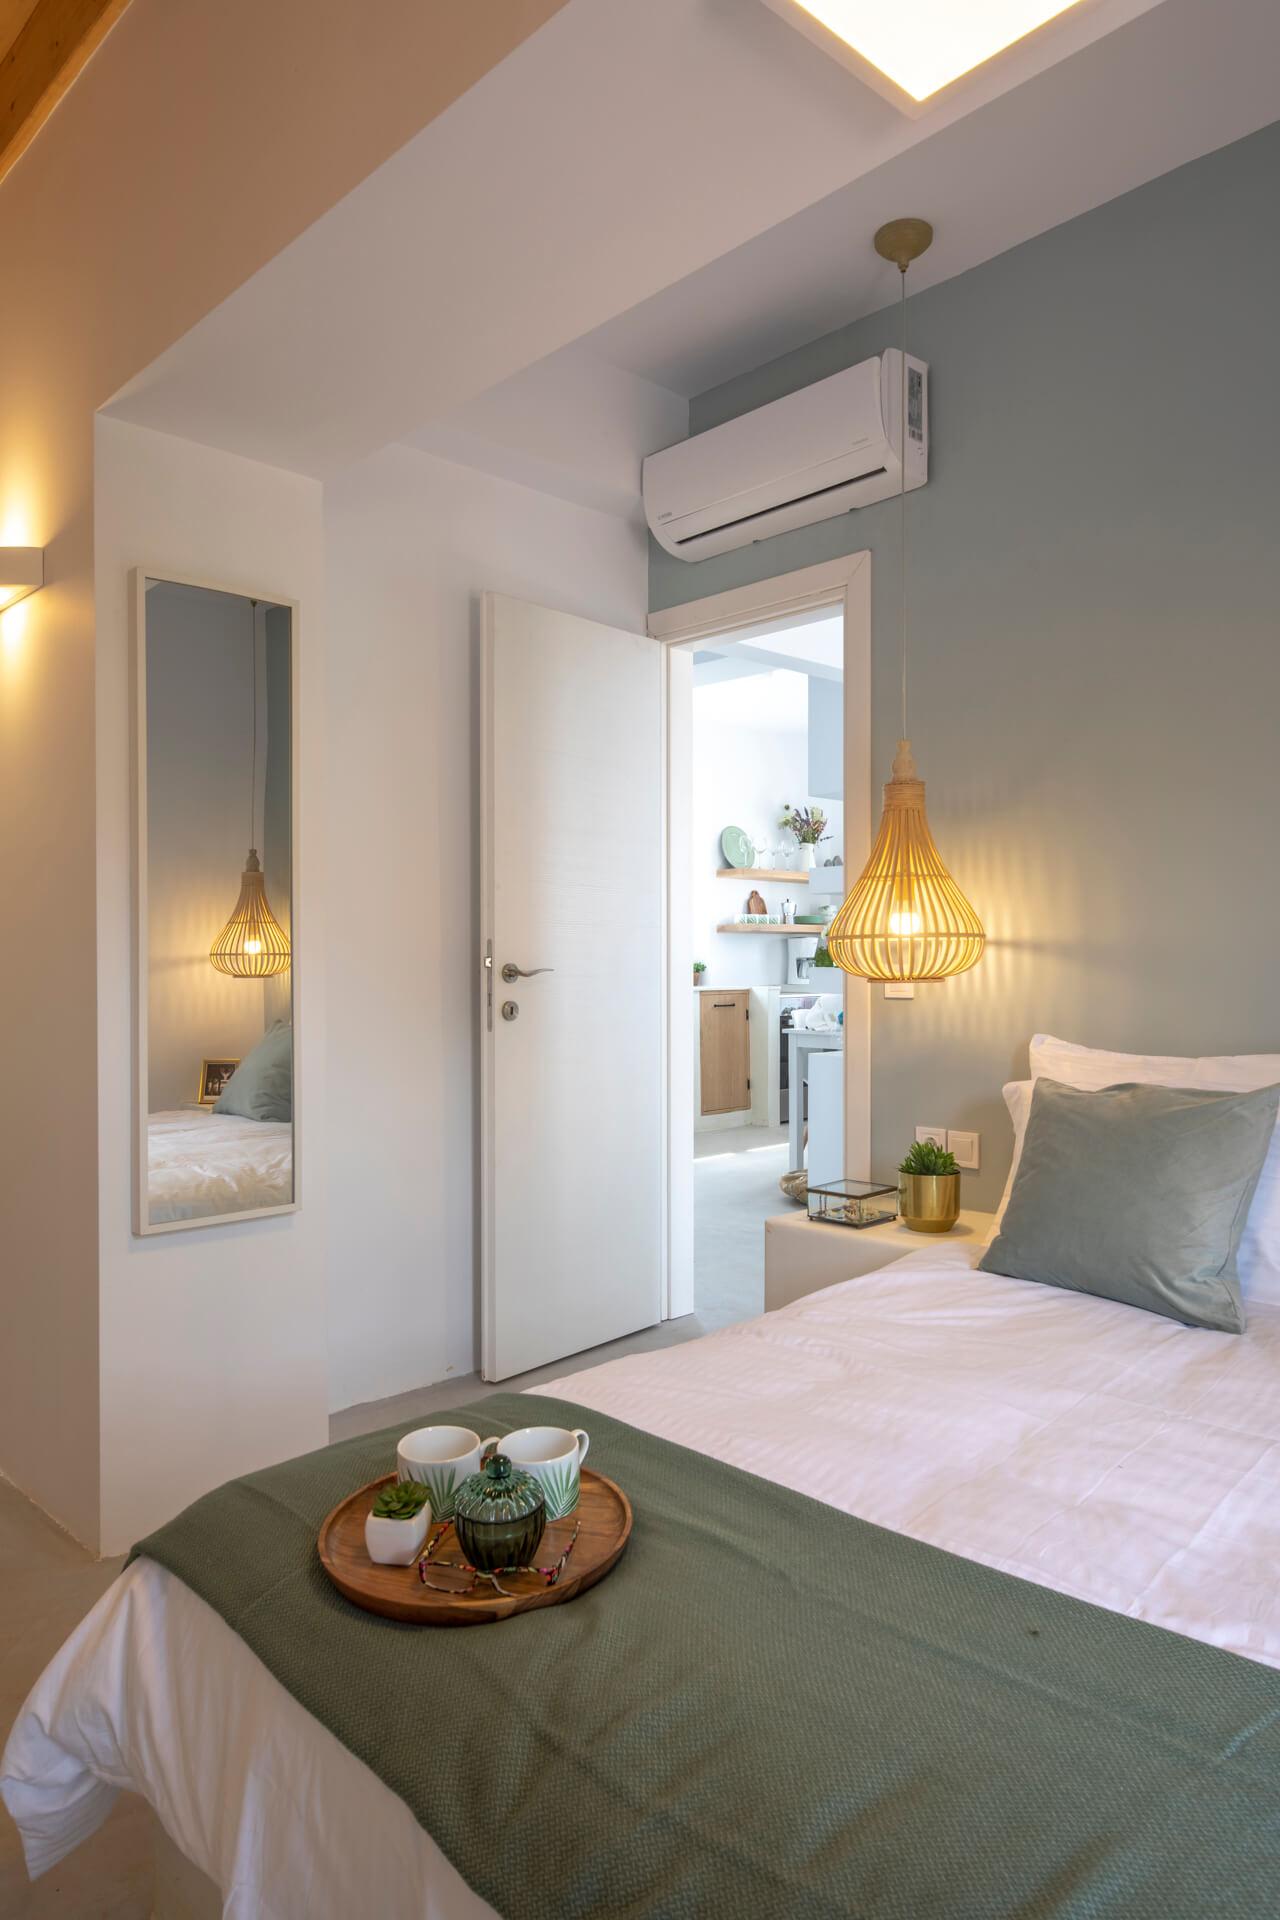 עיצוב חדר שינה בדירת נופש סיגל סיוון ידו